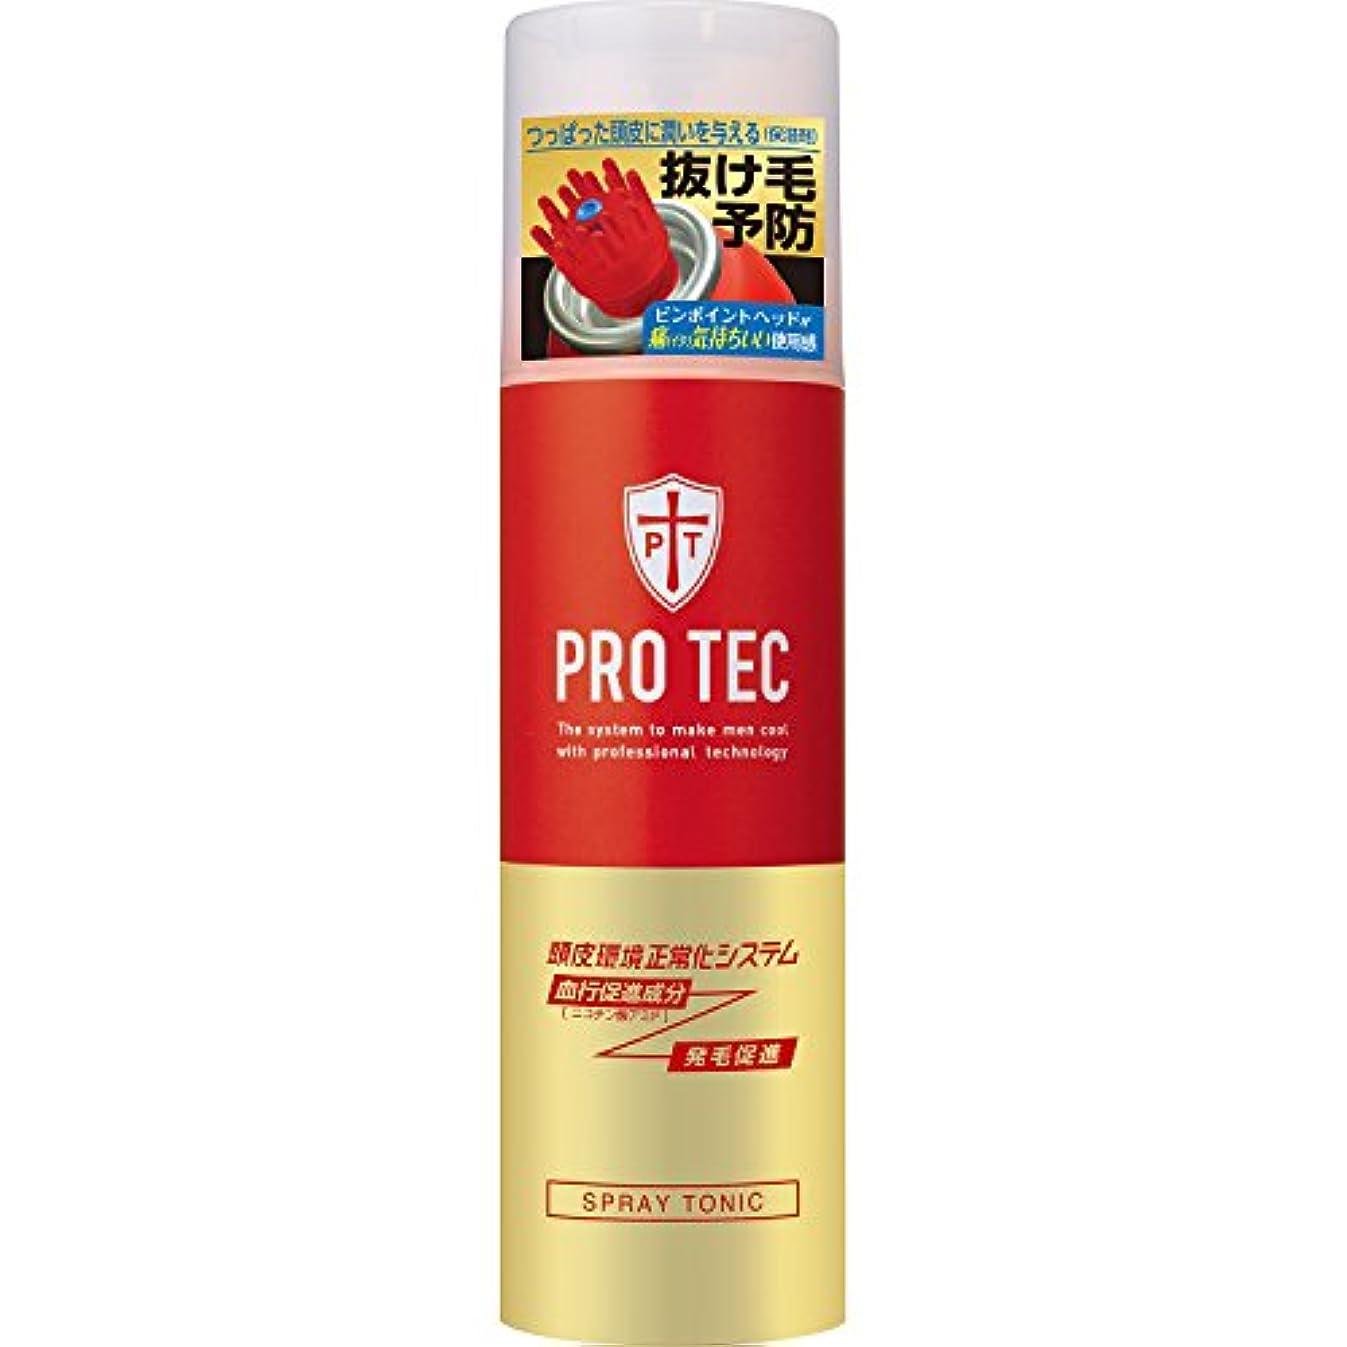 百原油勇気PRO TEC(プロテク) スプレートニック 150g(医薬部外品)